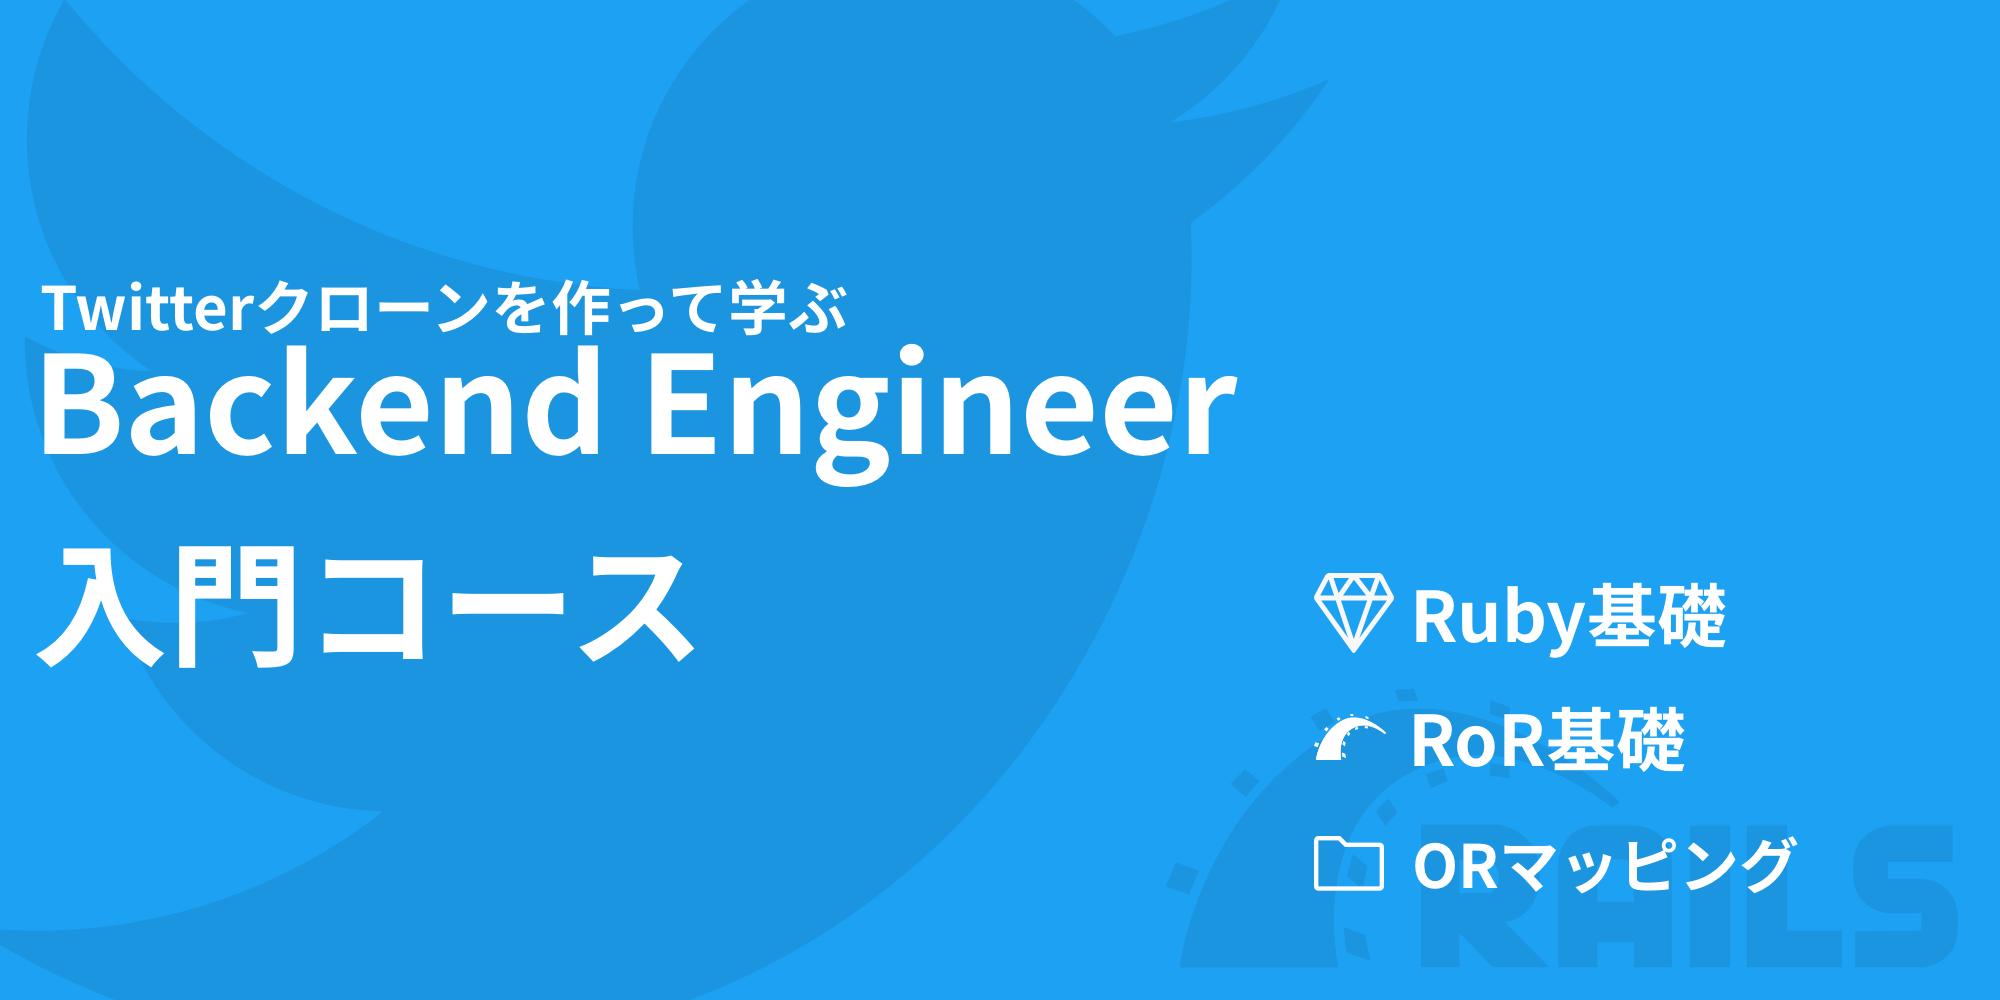 【11月生】Backend Engineer入門コース Vol.3  ※全3回のトレーニングコースとなります